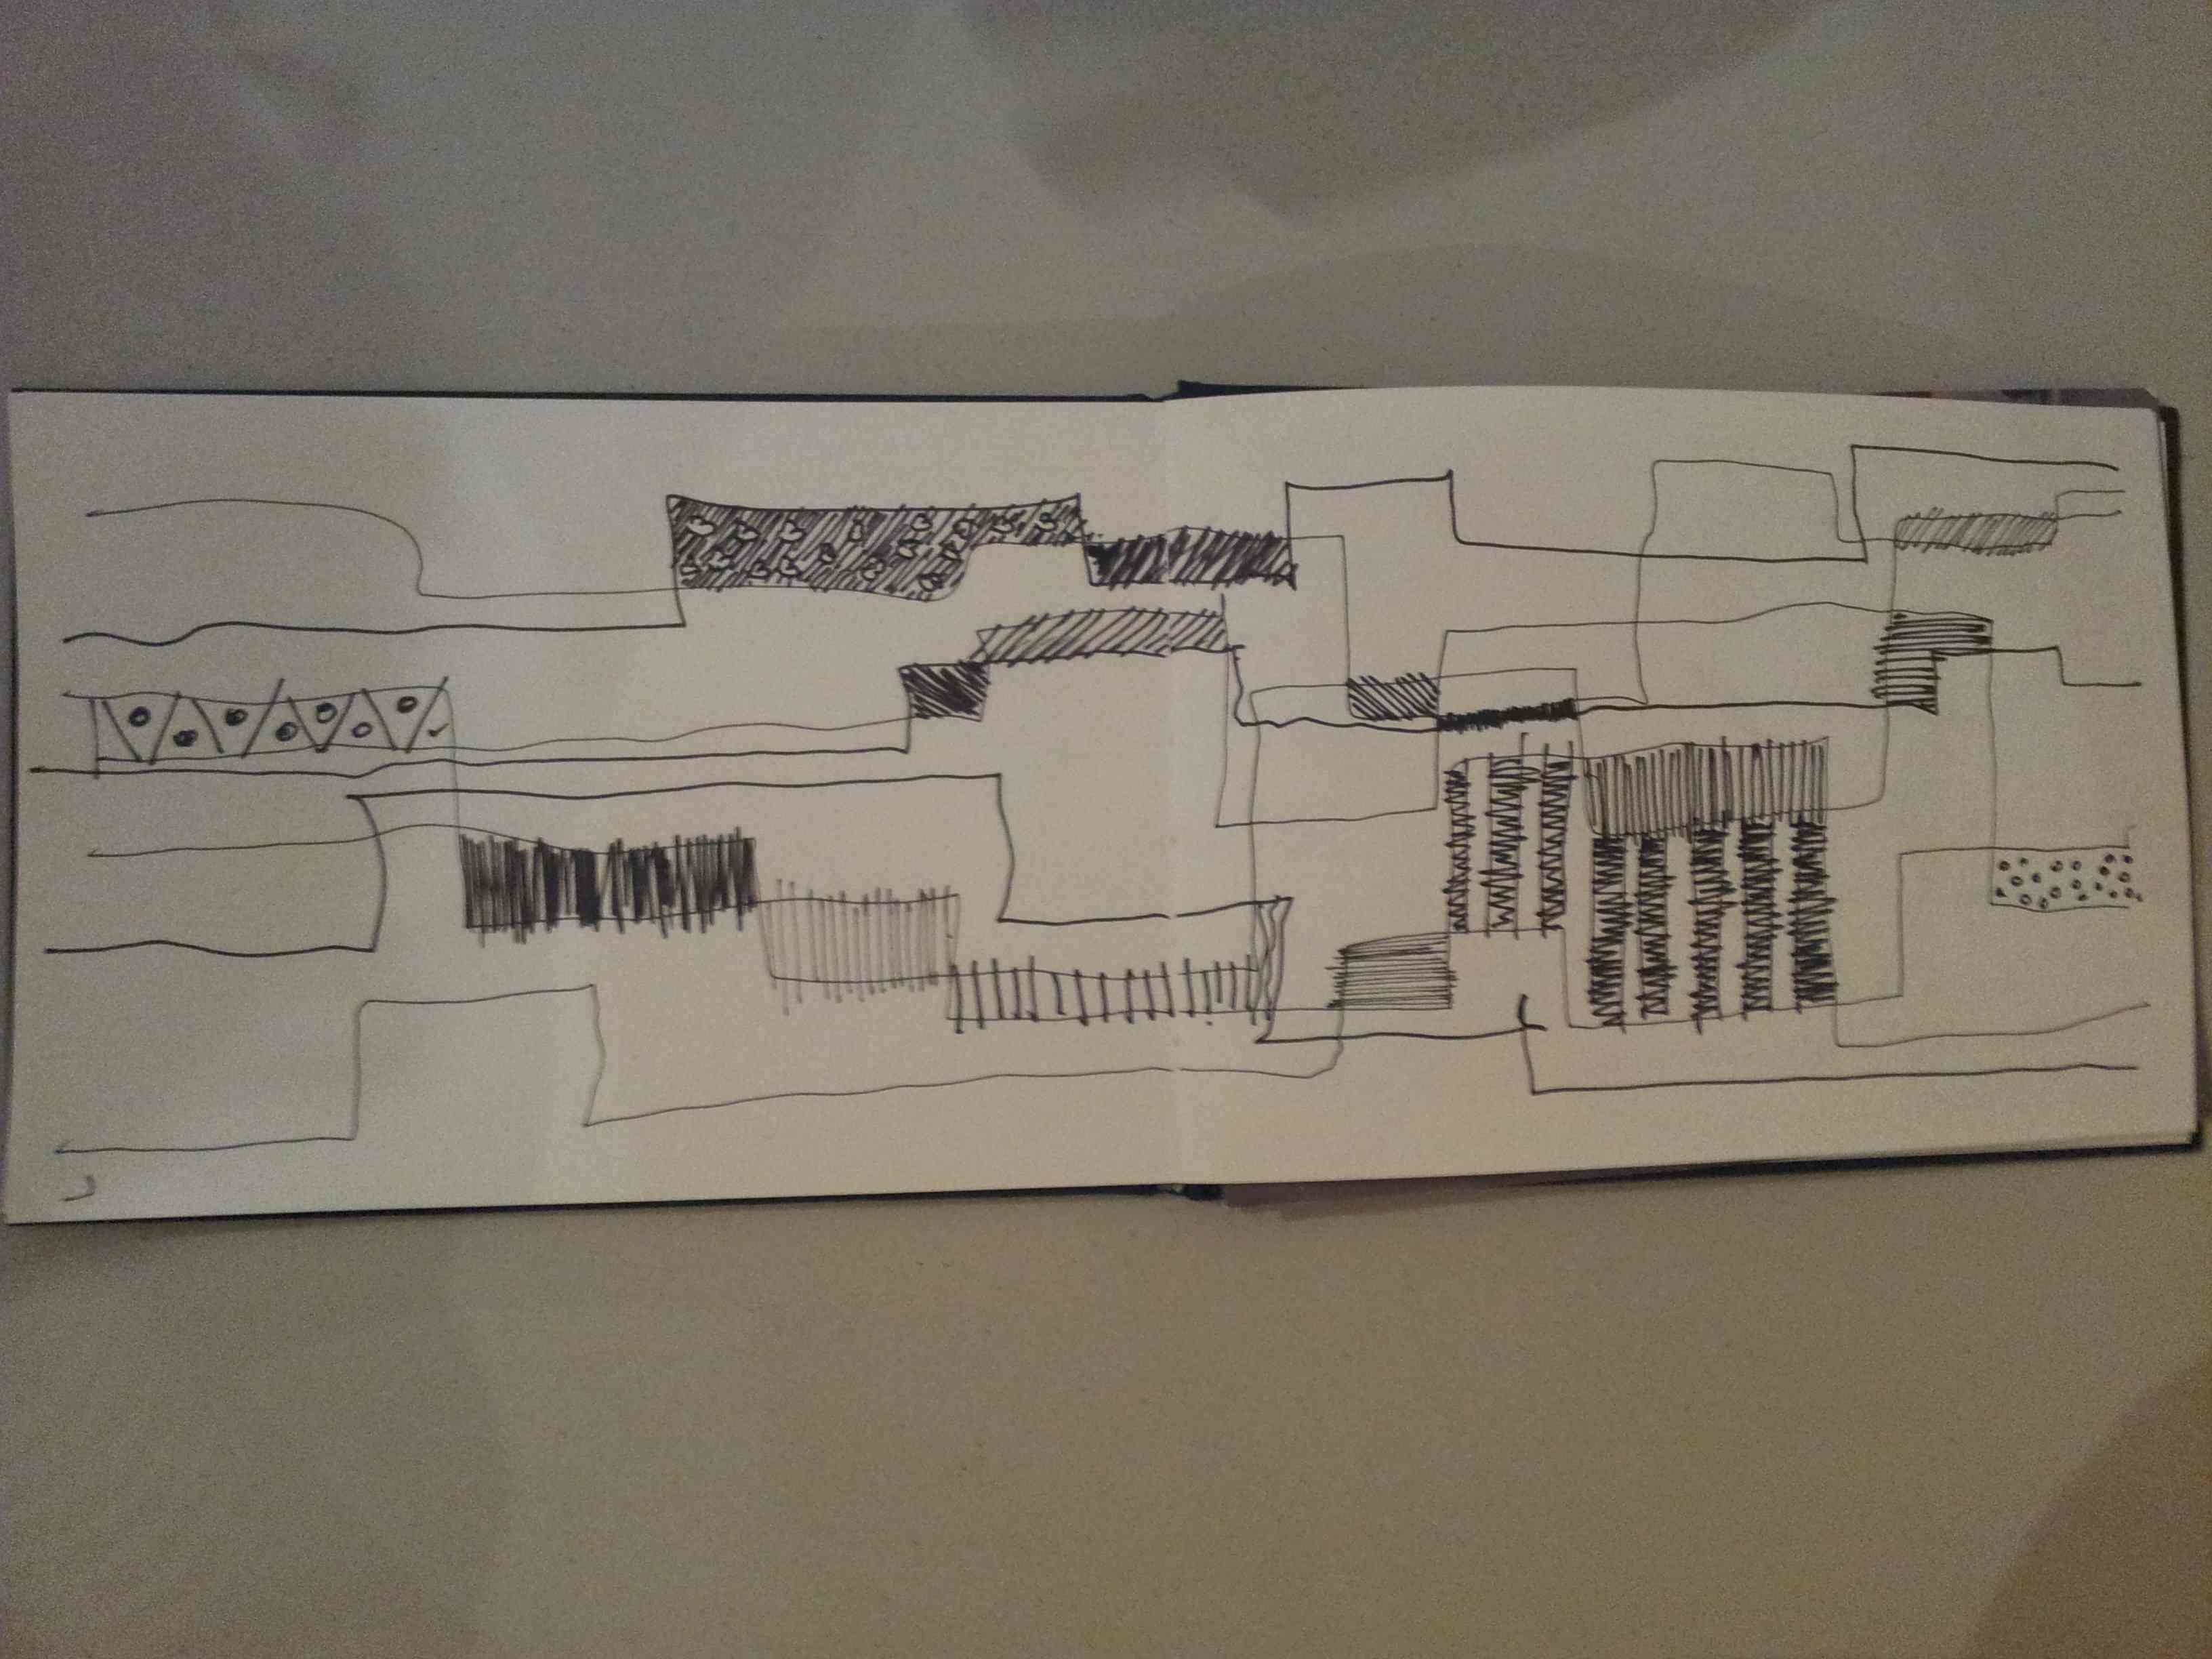 Nicholas' drawing